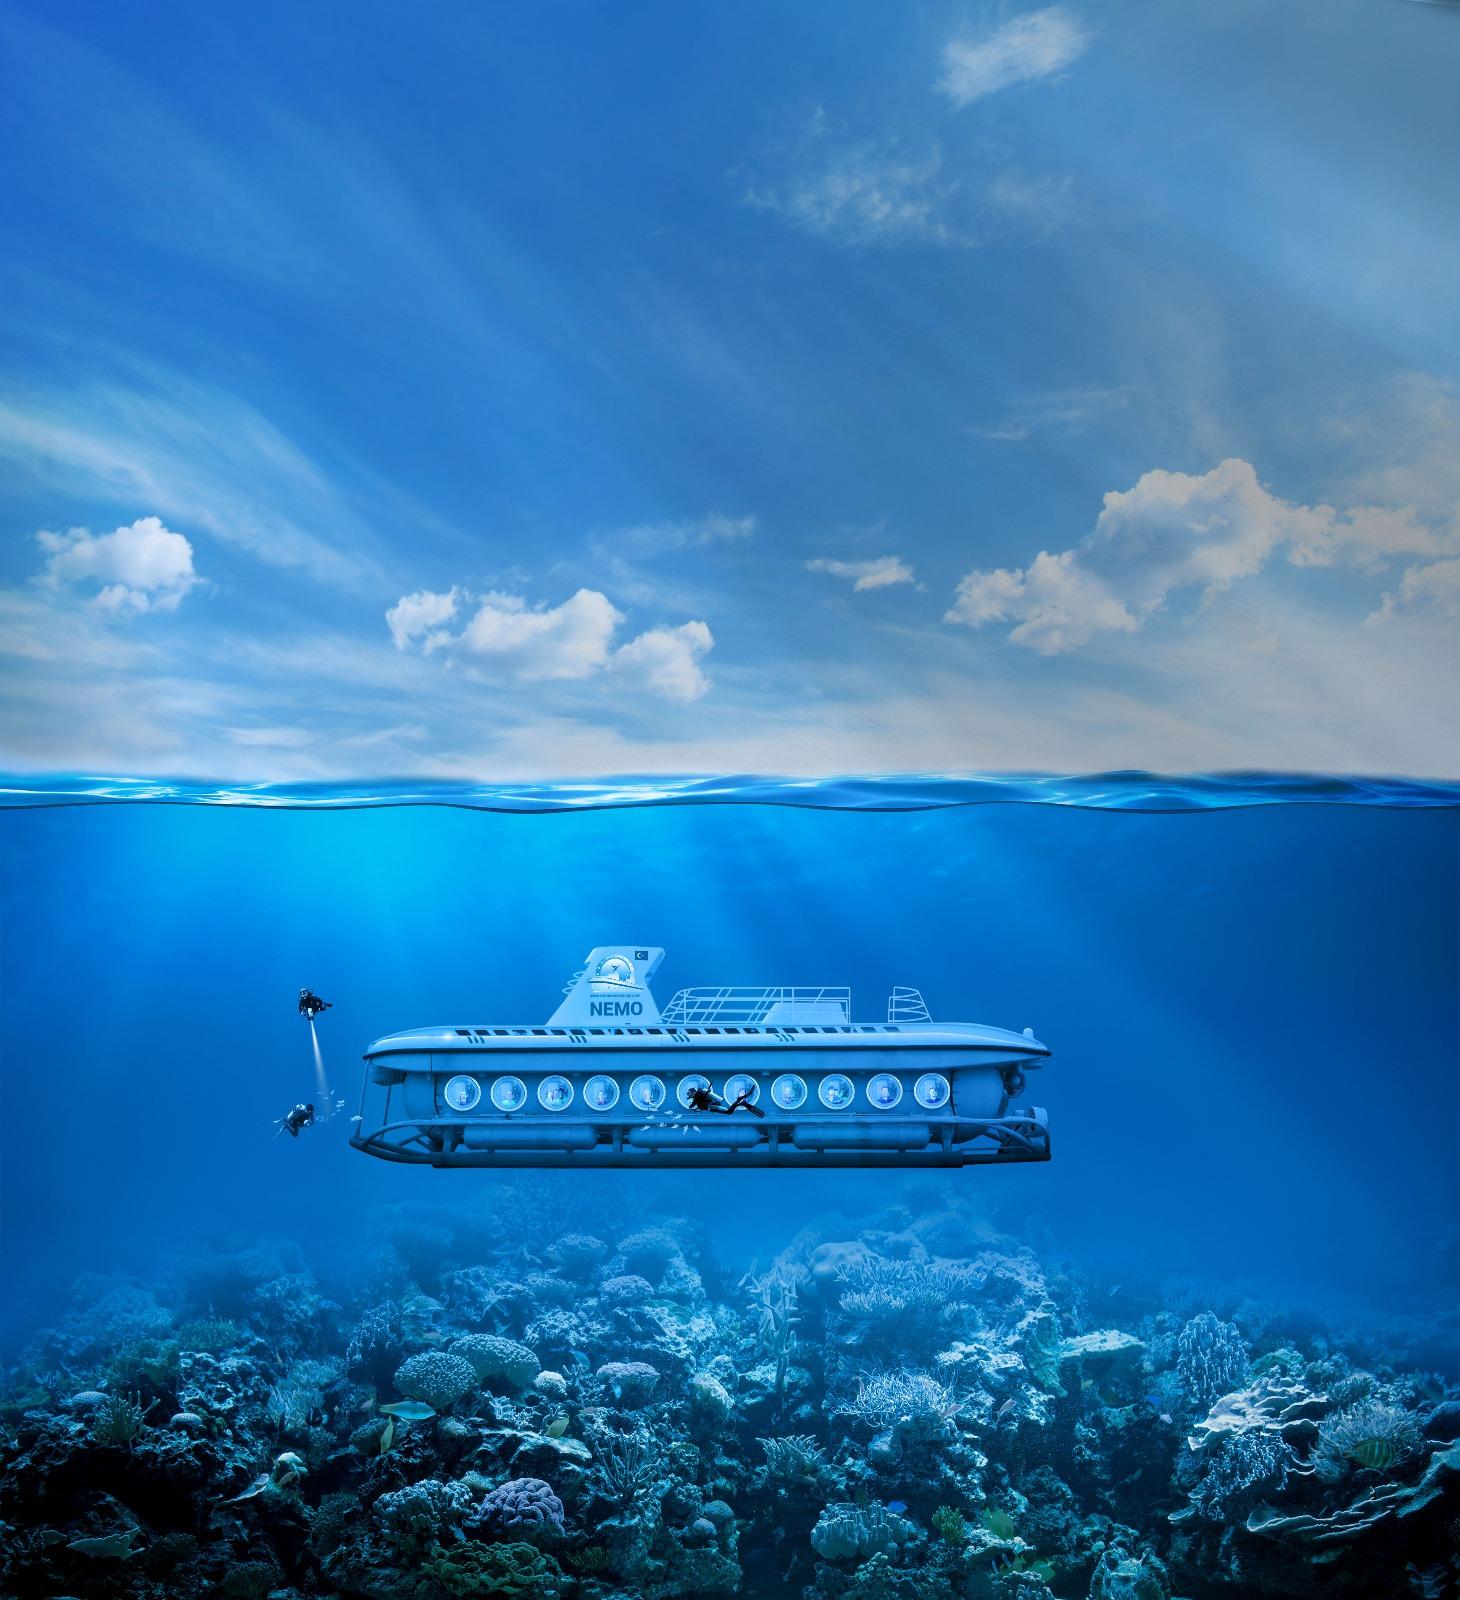 Nemo Denizaltı&Konyaaltı Teleferik Turu